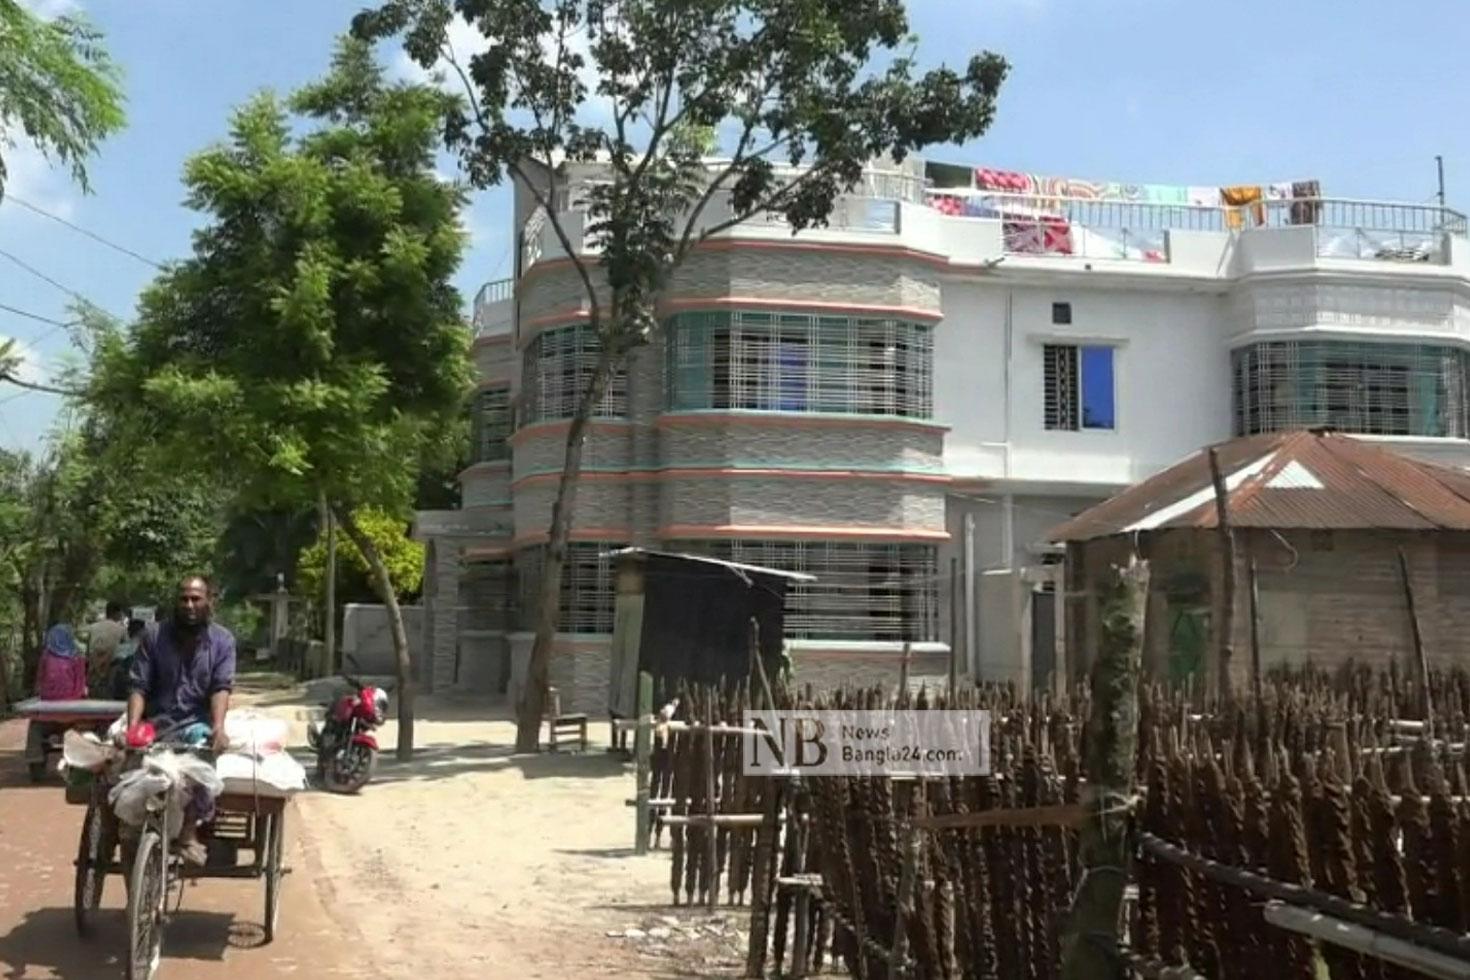 ইমোতে প্রতারক চক্রের 'সদর দপ্তর' নাটোরের বিলমাড়িয়া